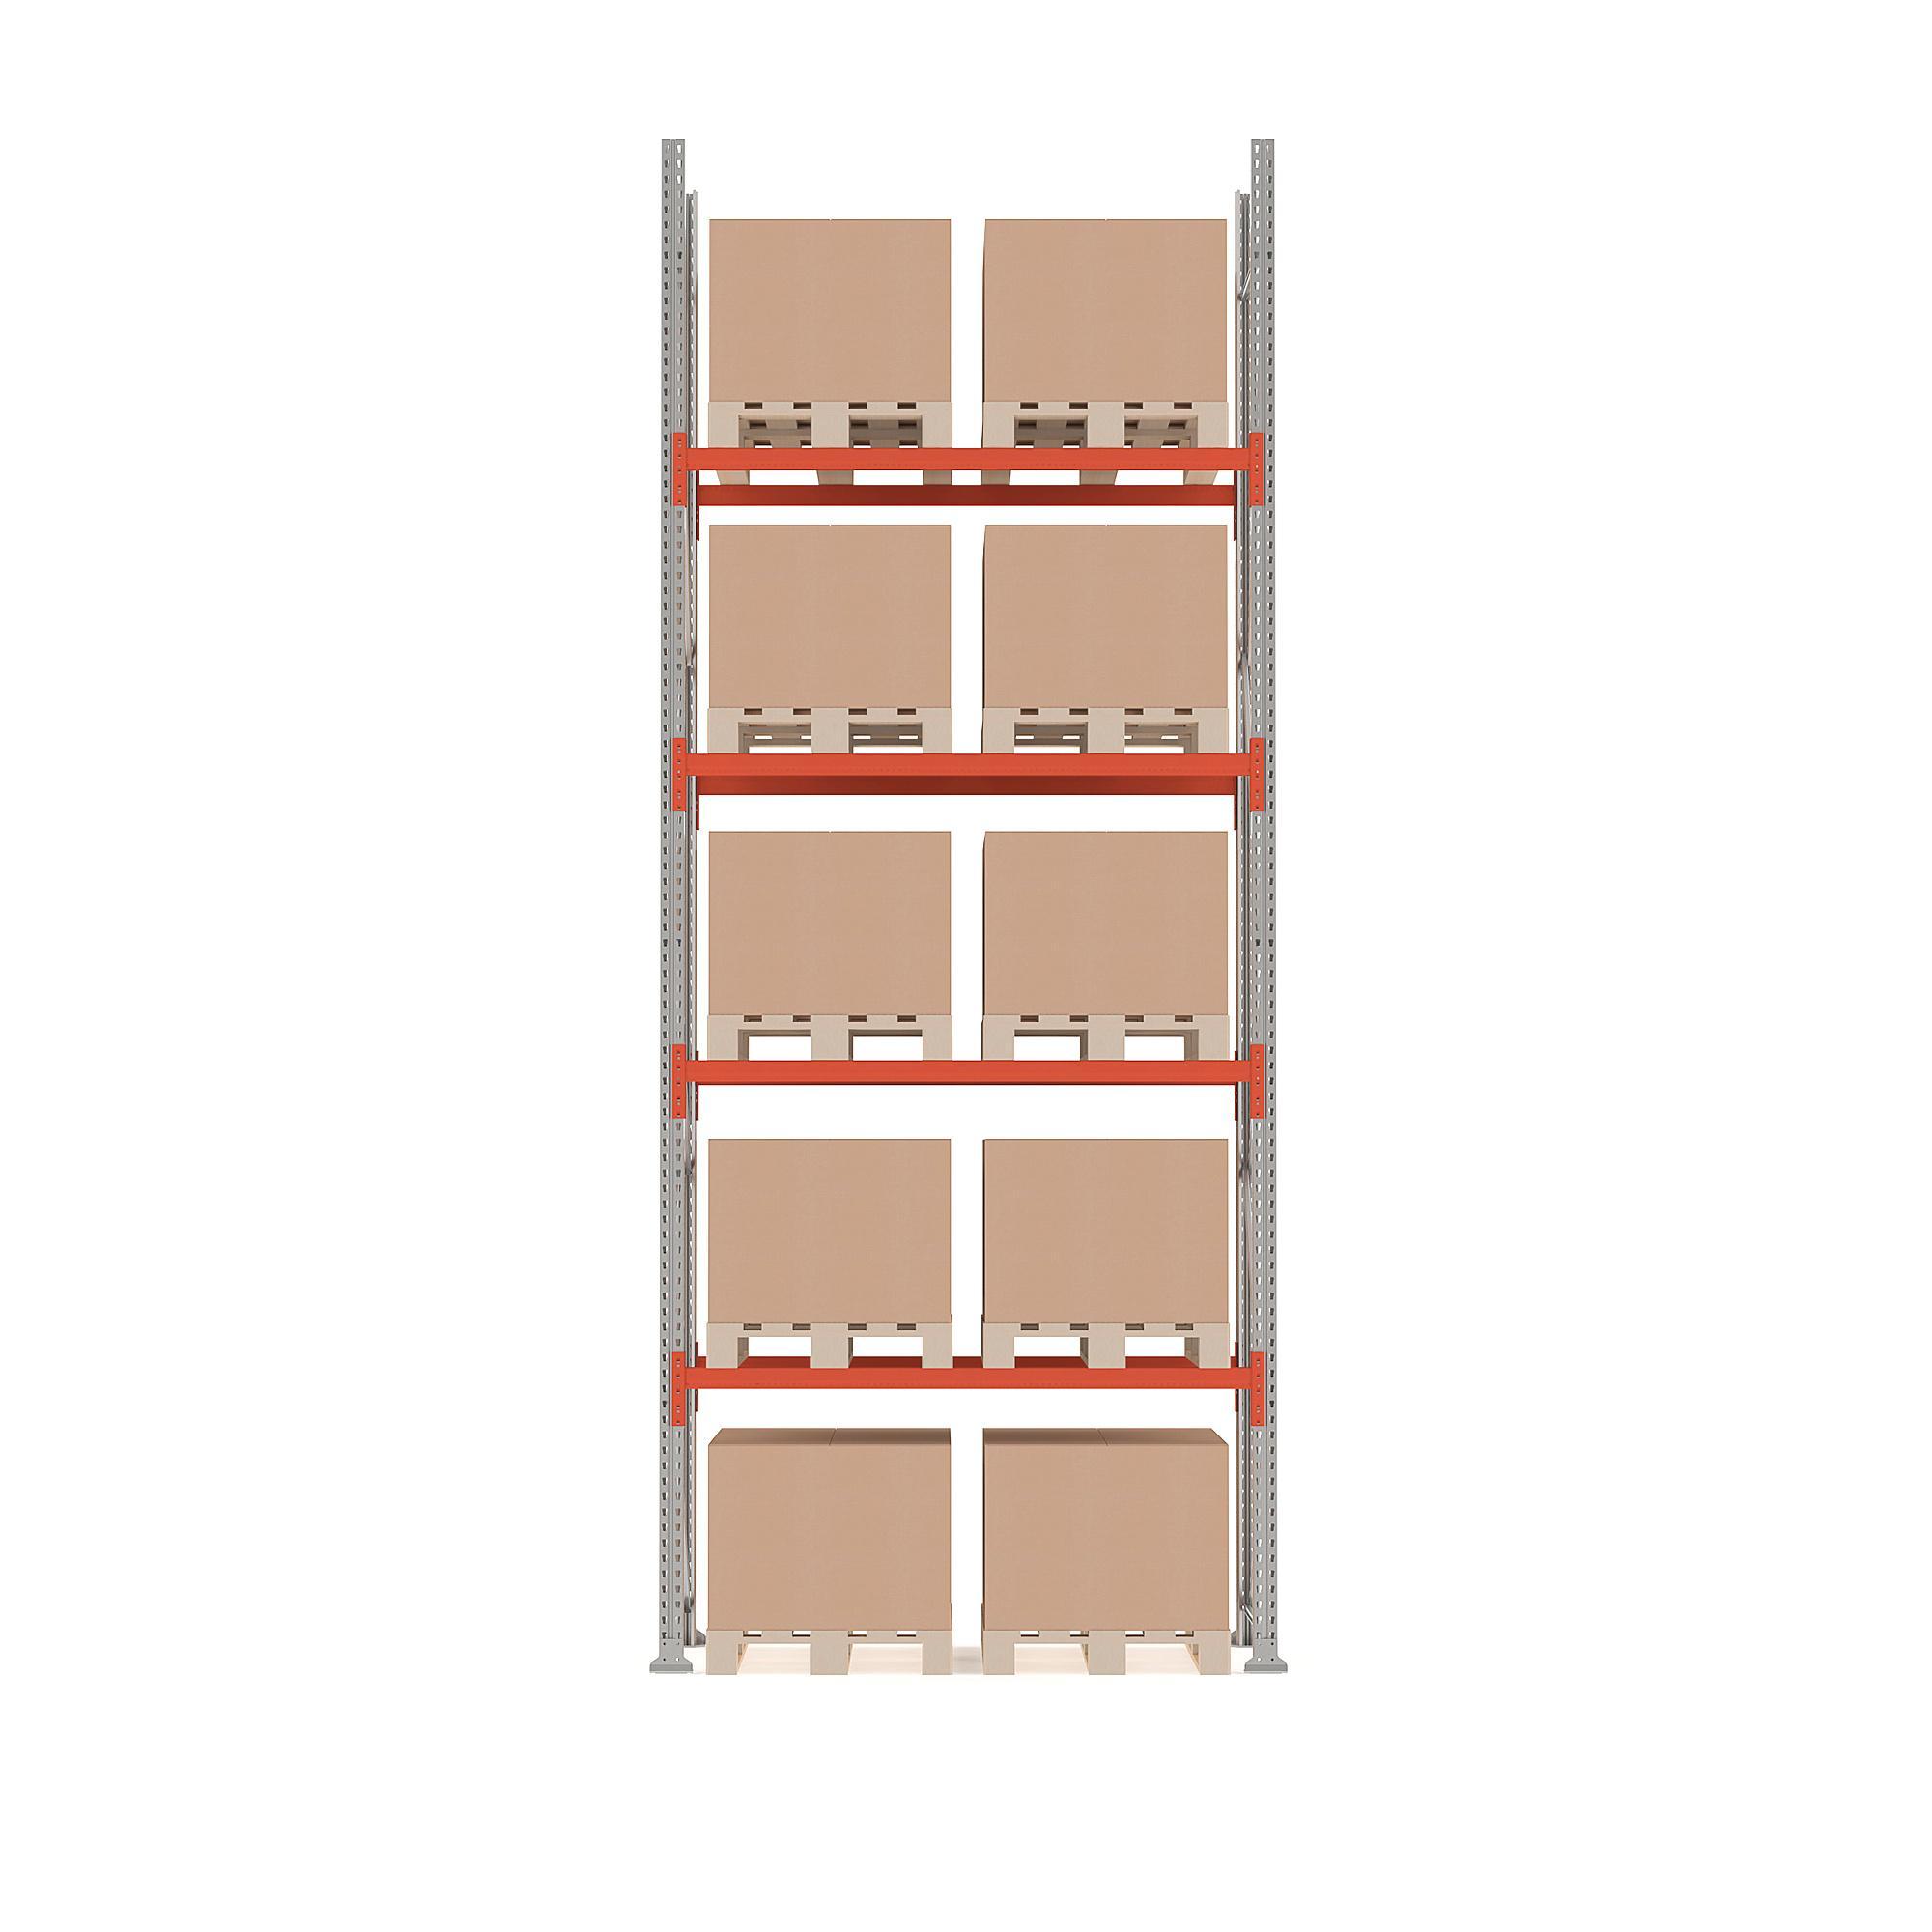 Paletový regál Ultimate, základná sekcia, 10 paliet, 5000x1850x1100 mm